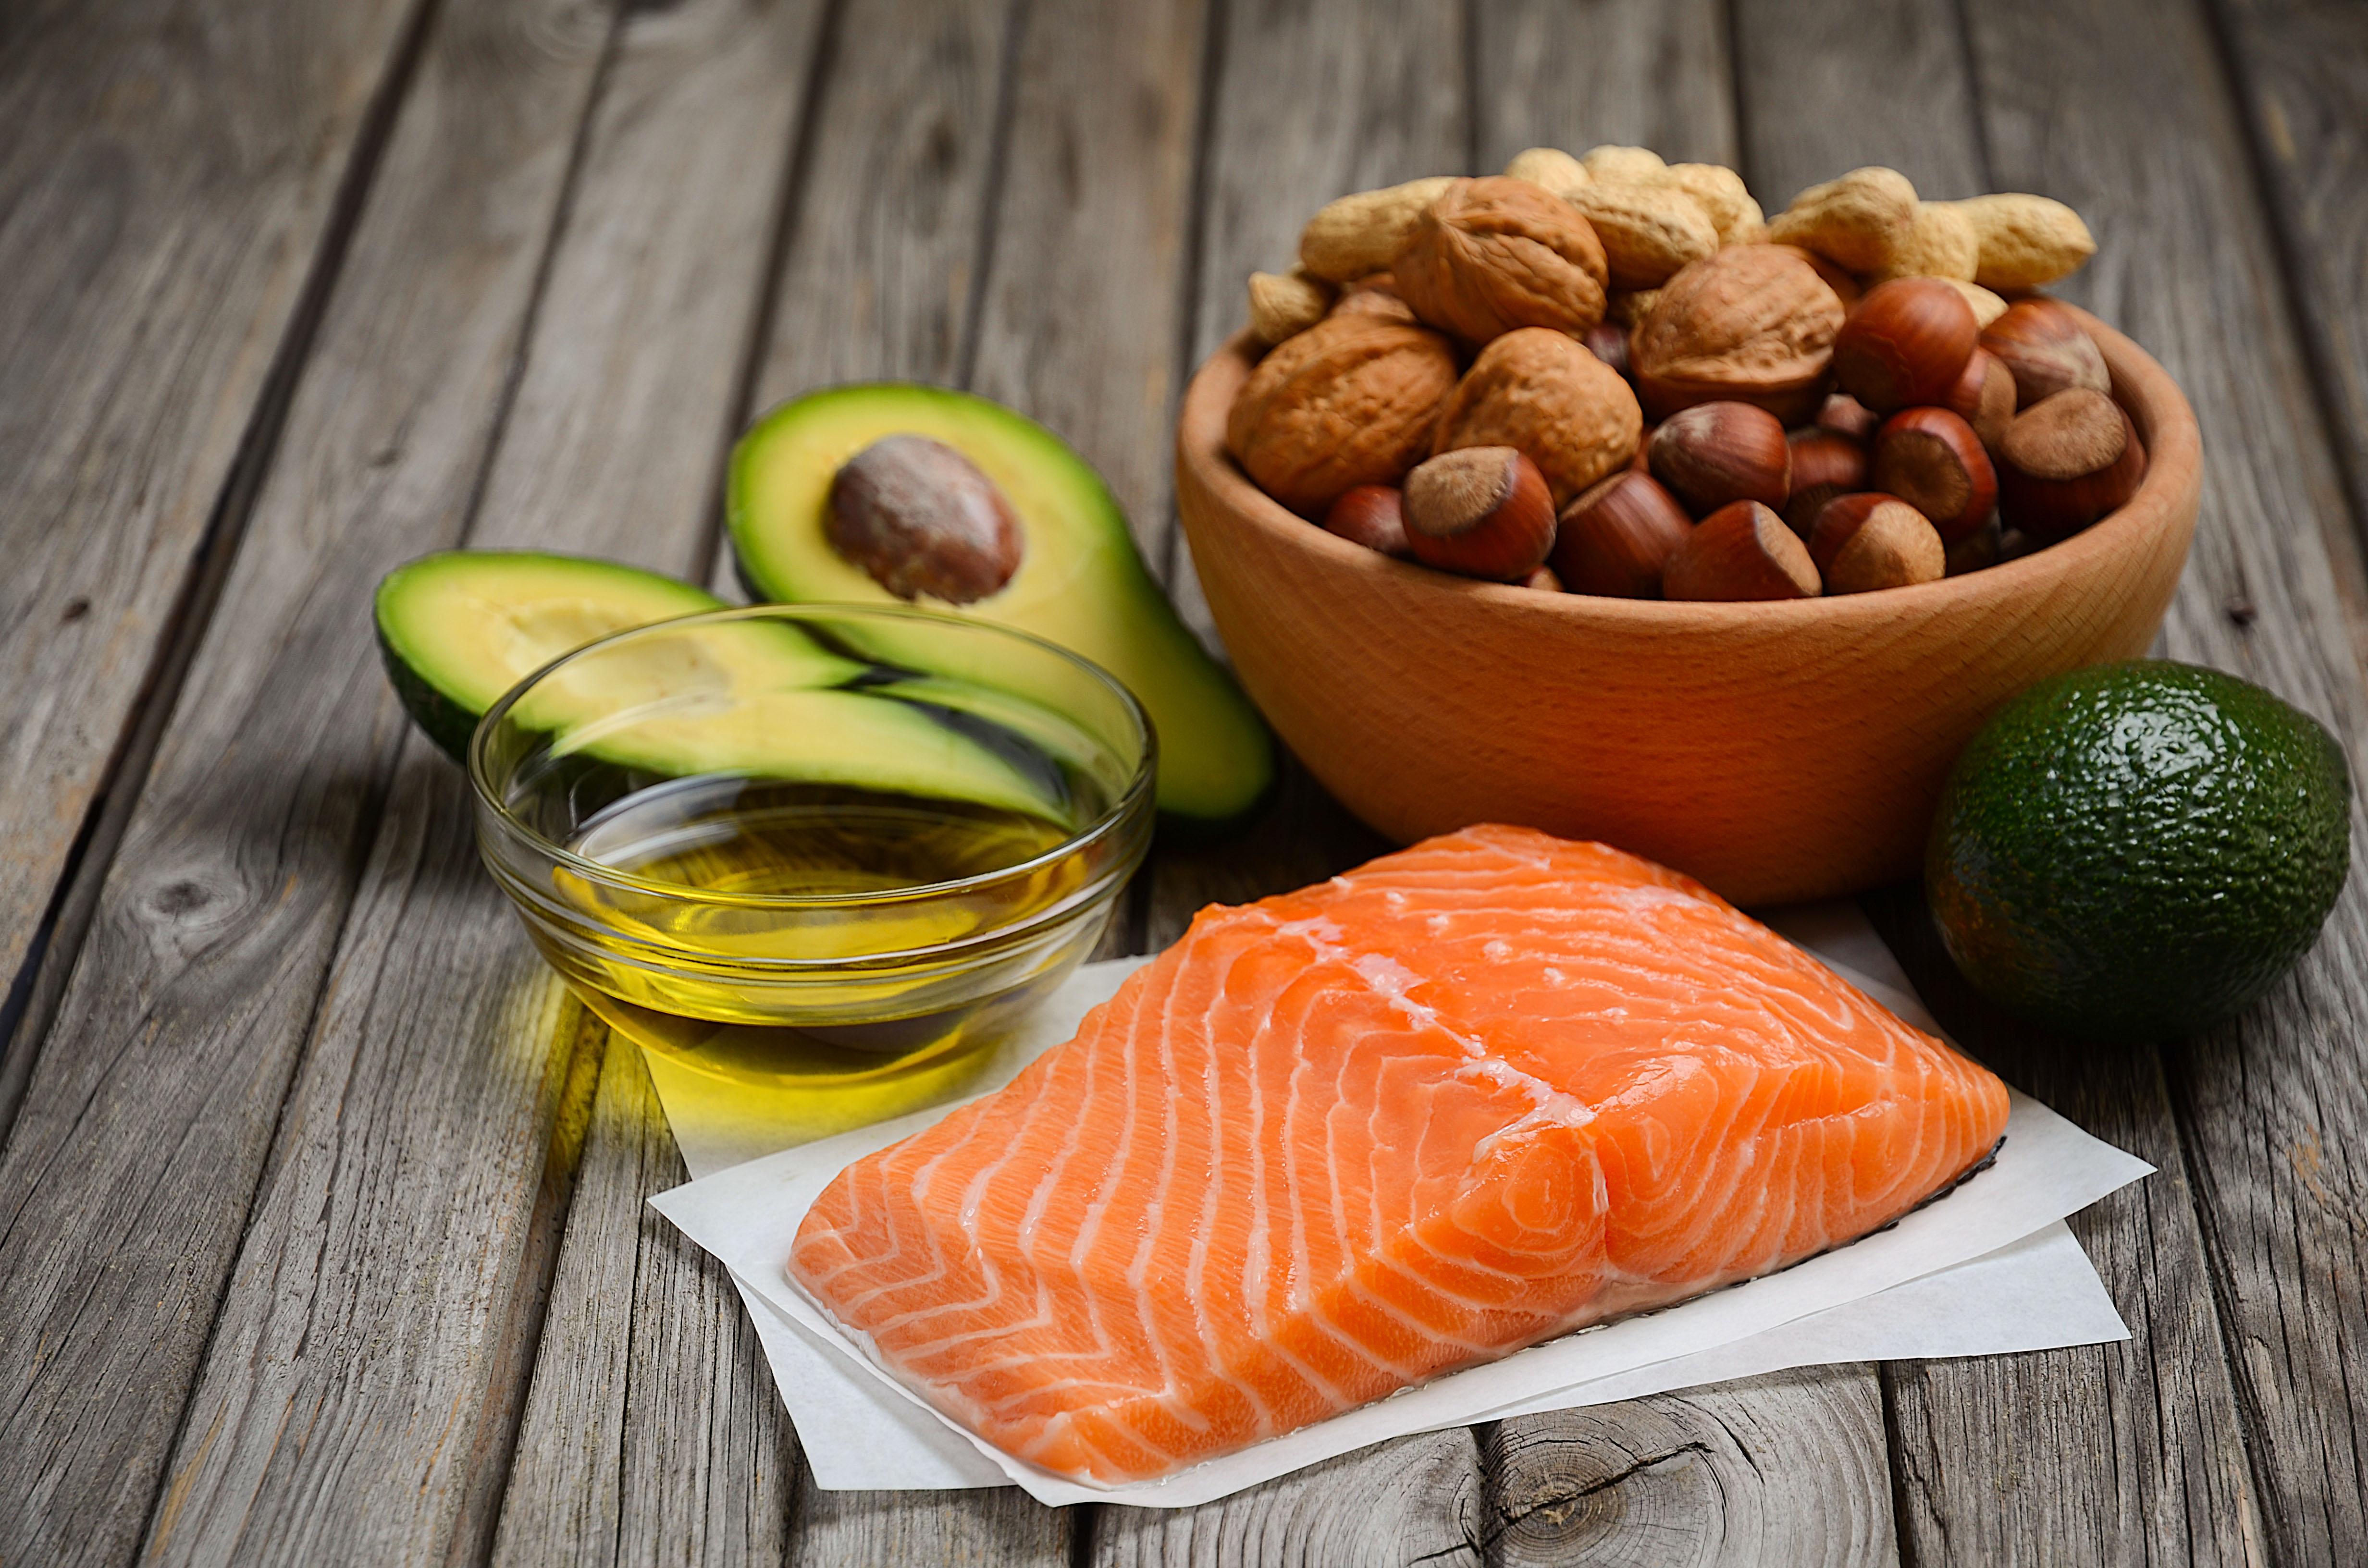 Дієта з високим вмістом насичених жирів здатна блокувати в мозку сприйняття ситості